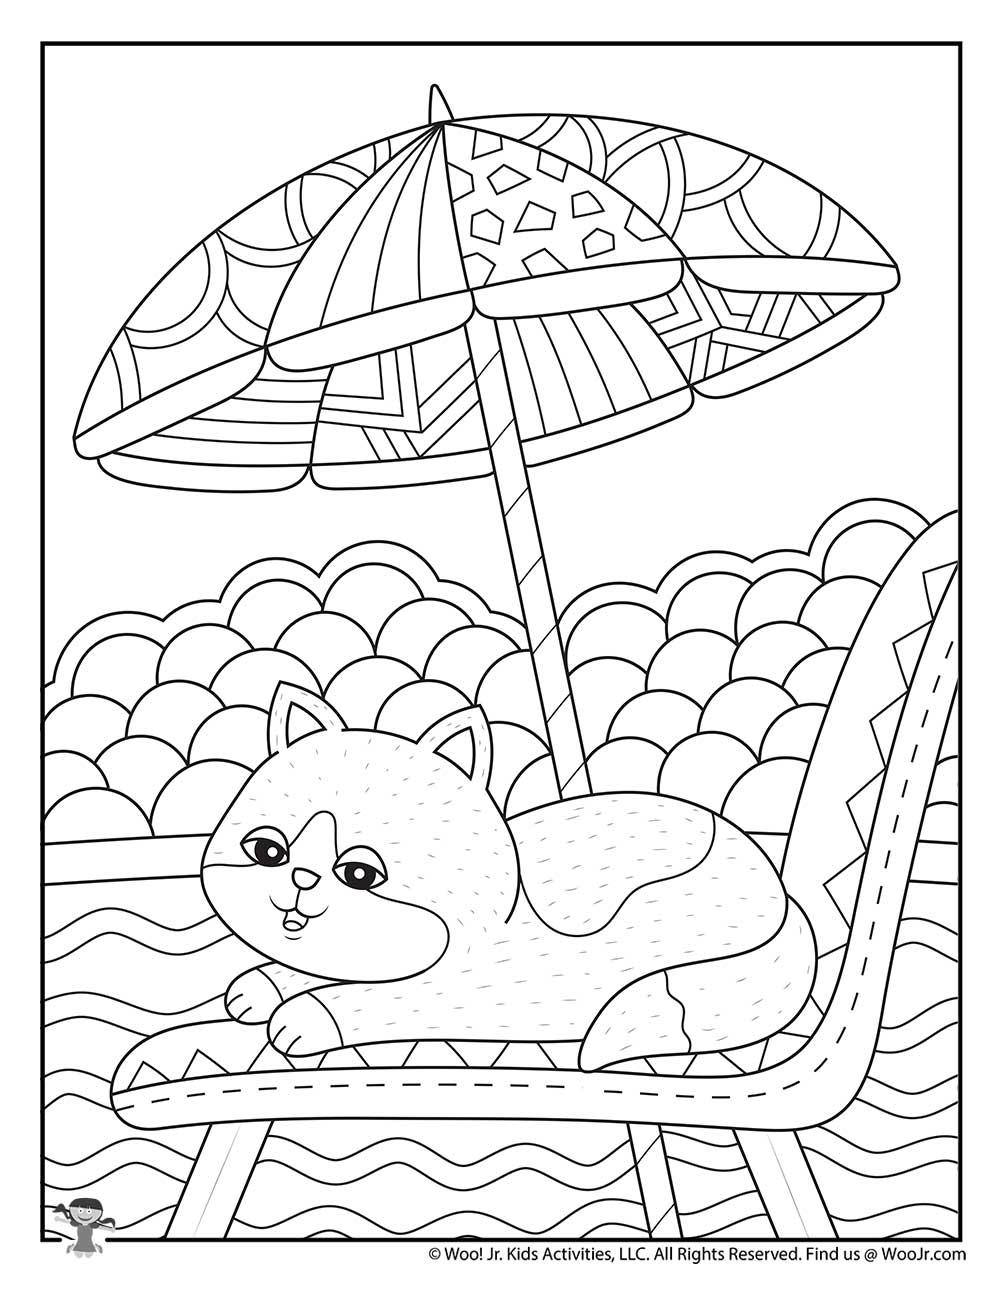 Cute Summer Adult Coloring | Woo! Jr. Kids Activities